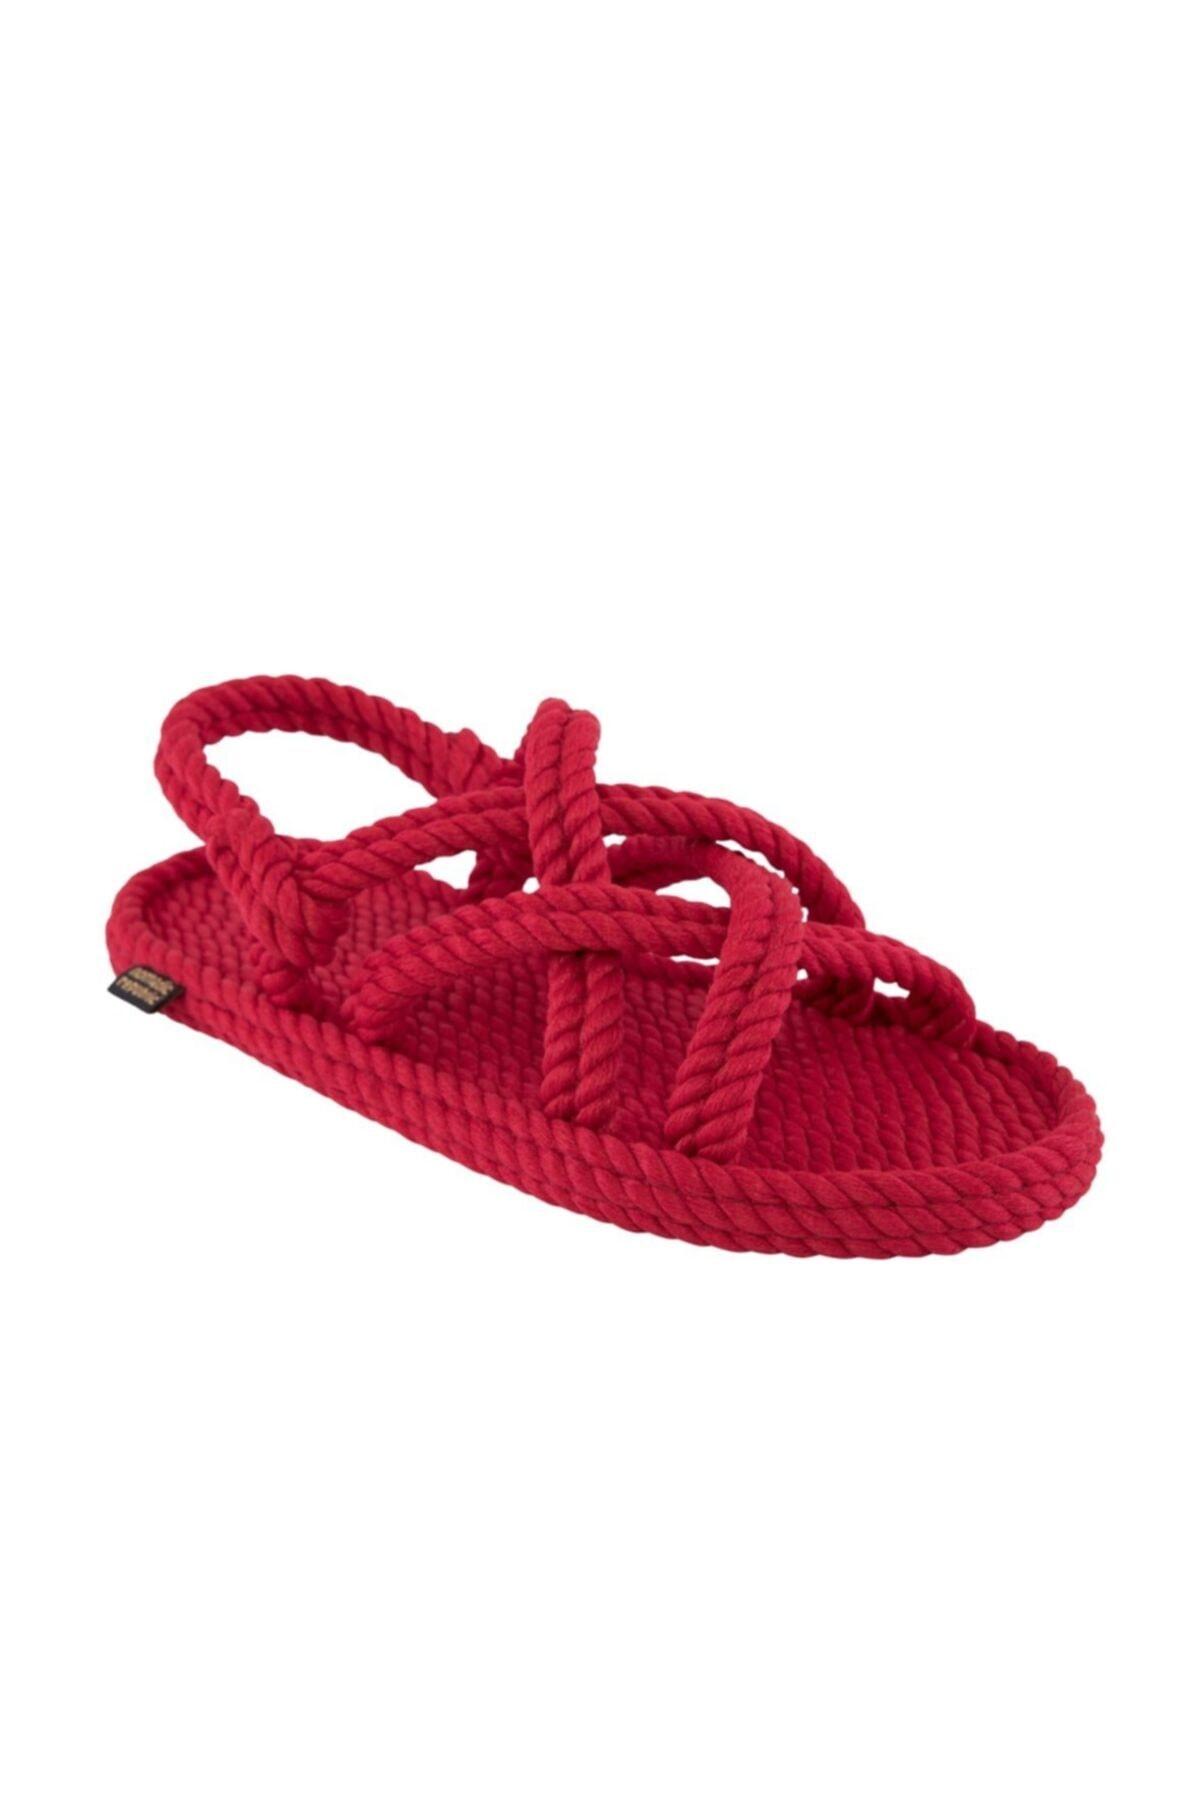 Nomadic Republic Bodrum Kadın Halat & Ip Sandalet - Kırmızı 1